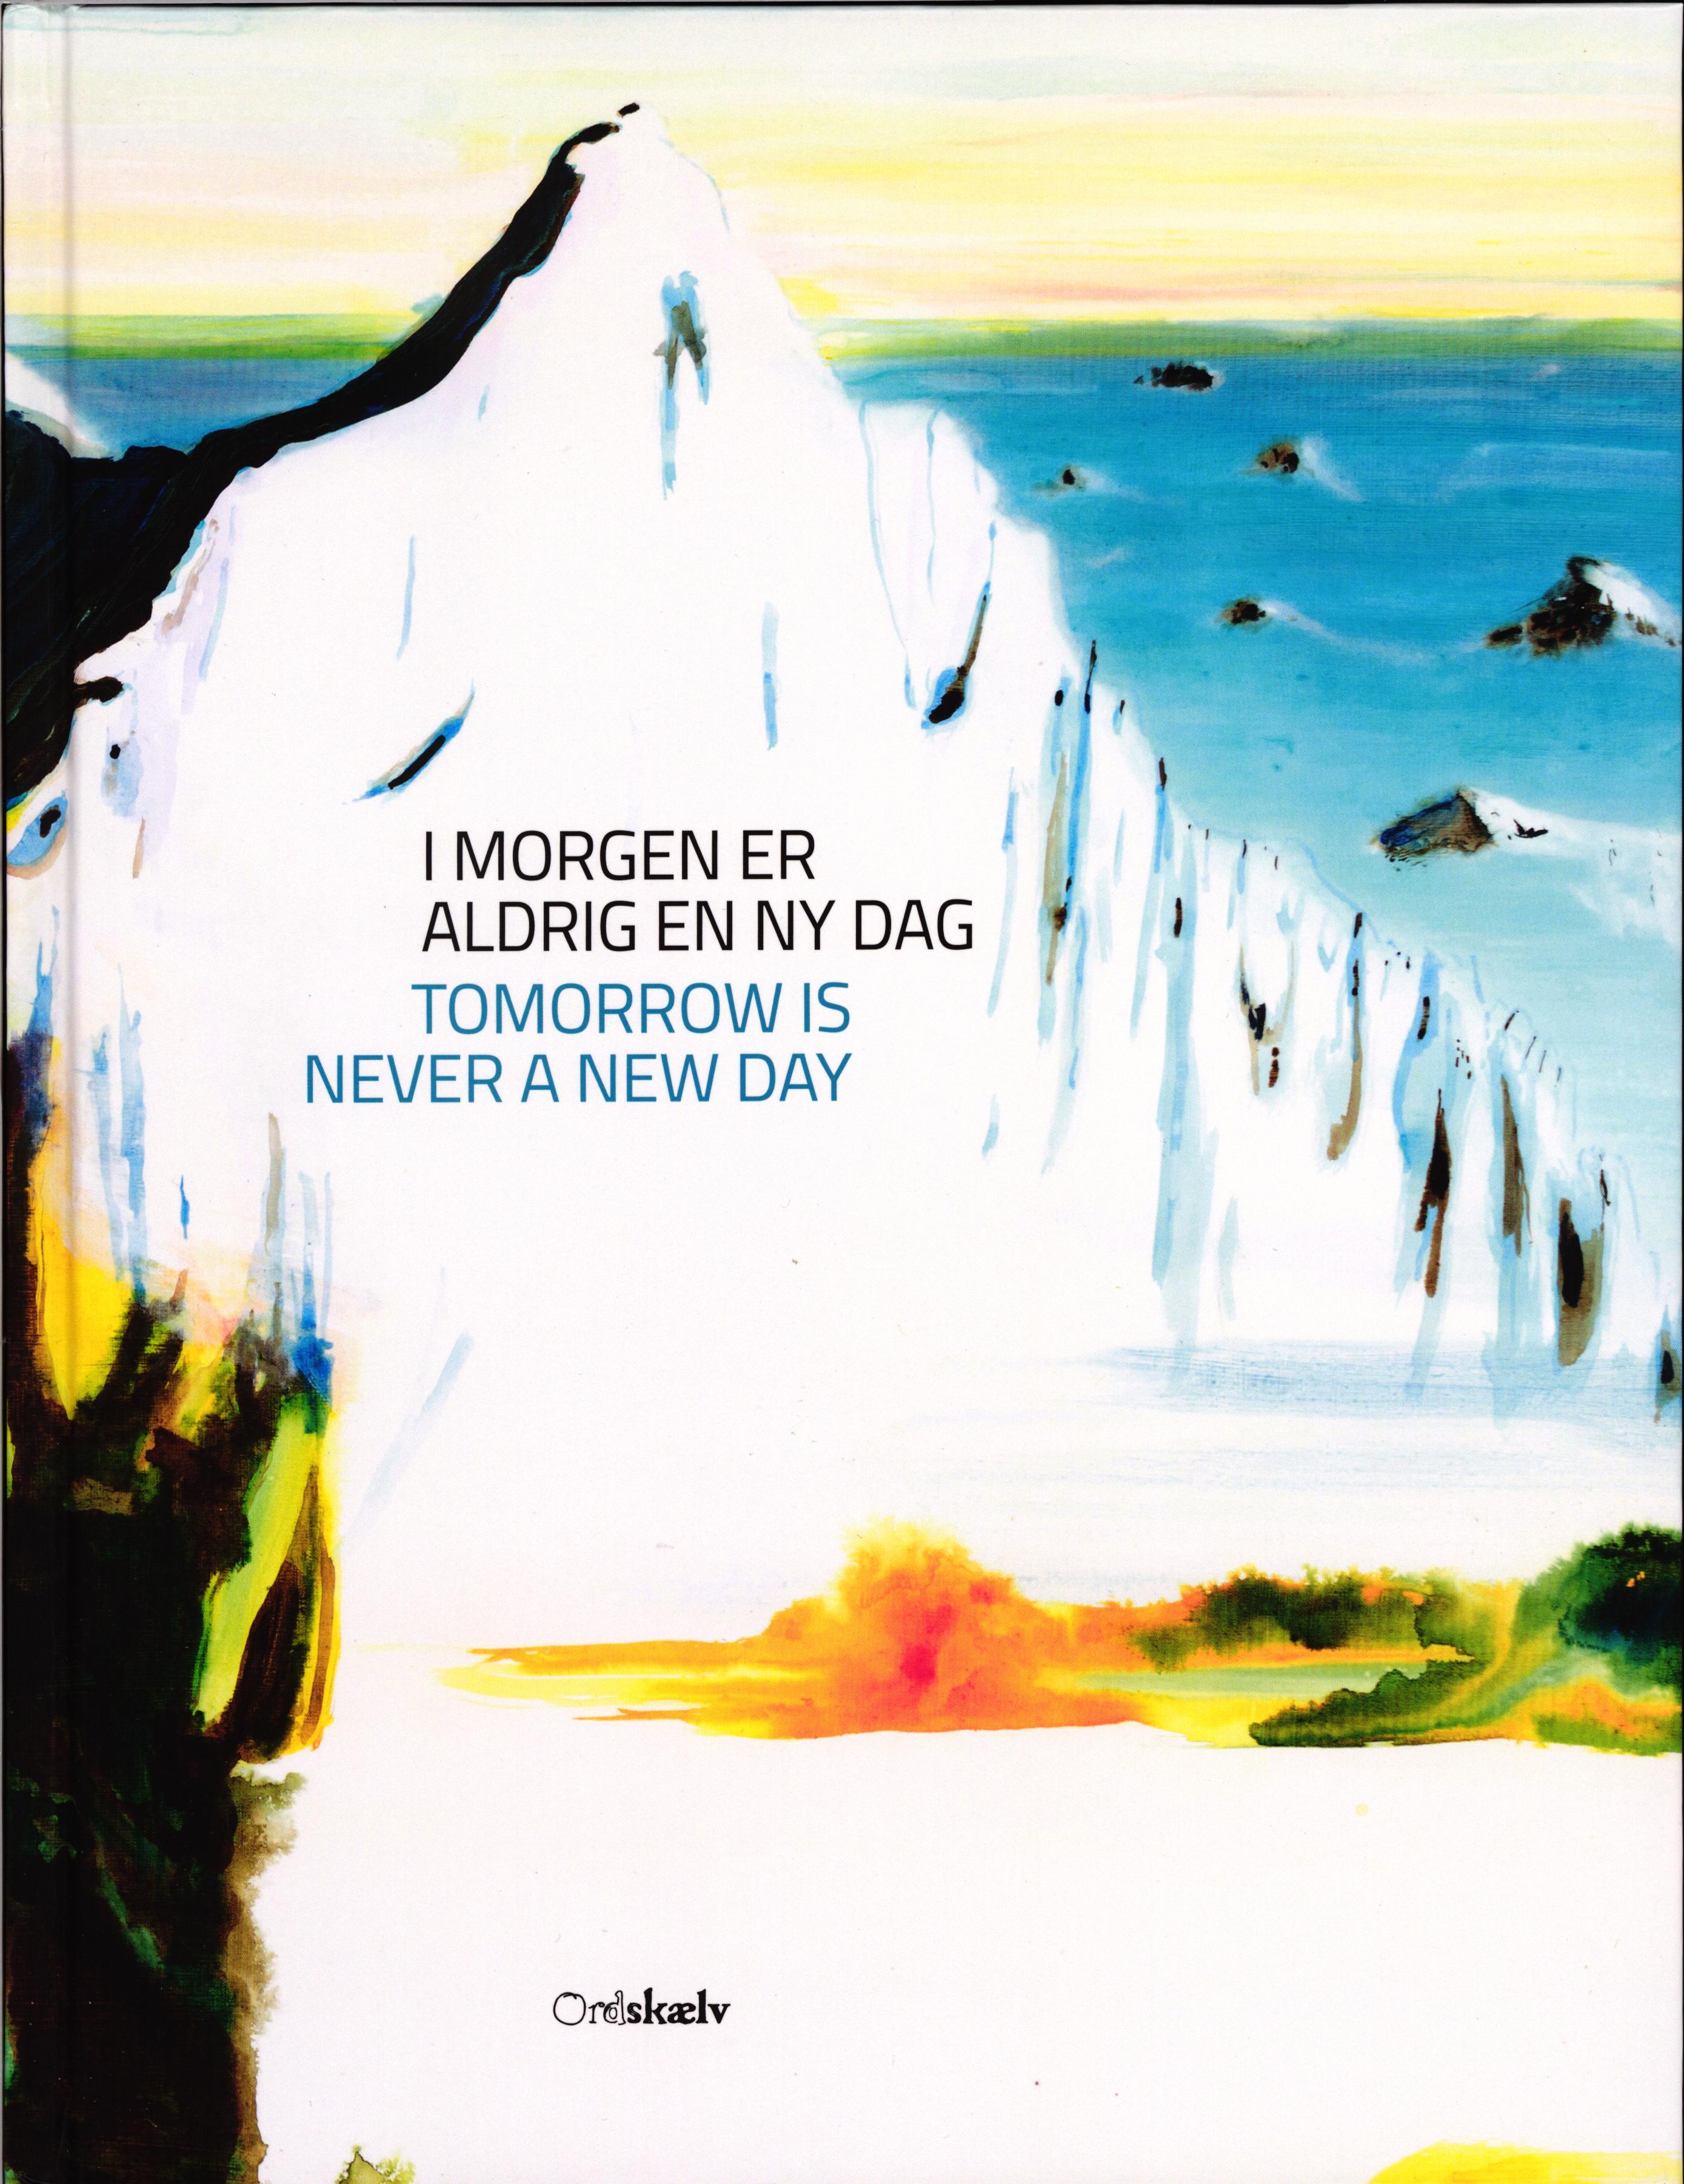 I morgen er aldrig en ny dag.